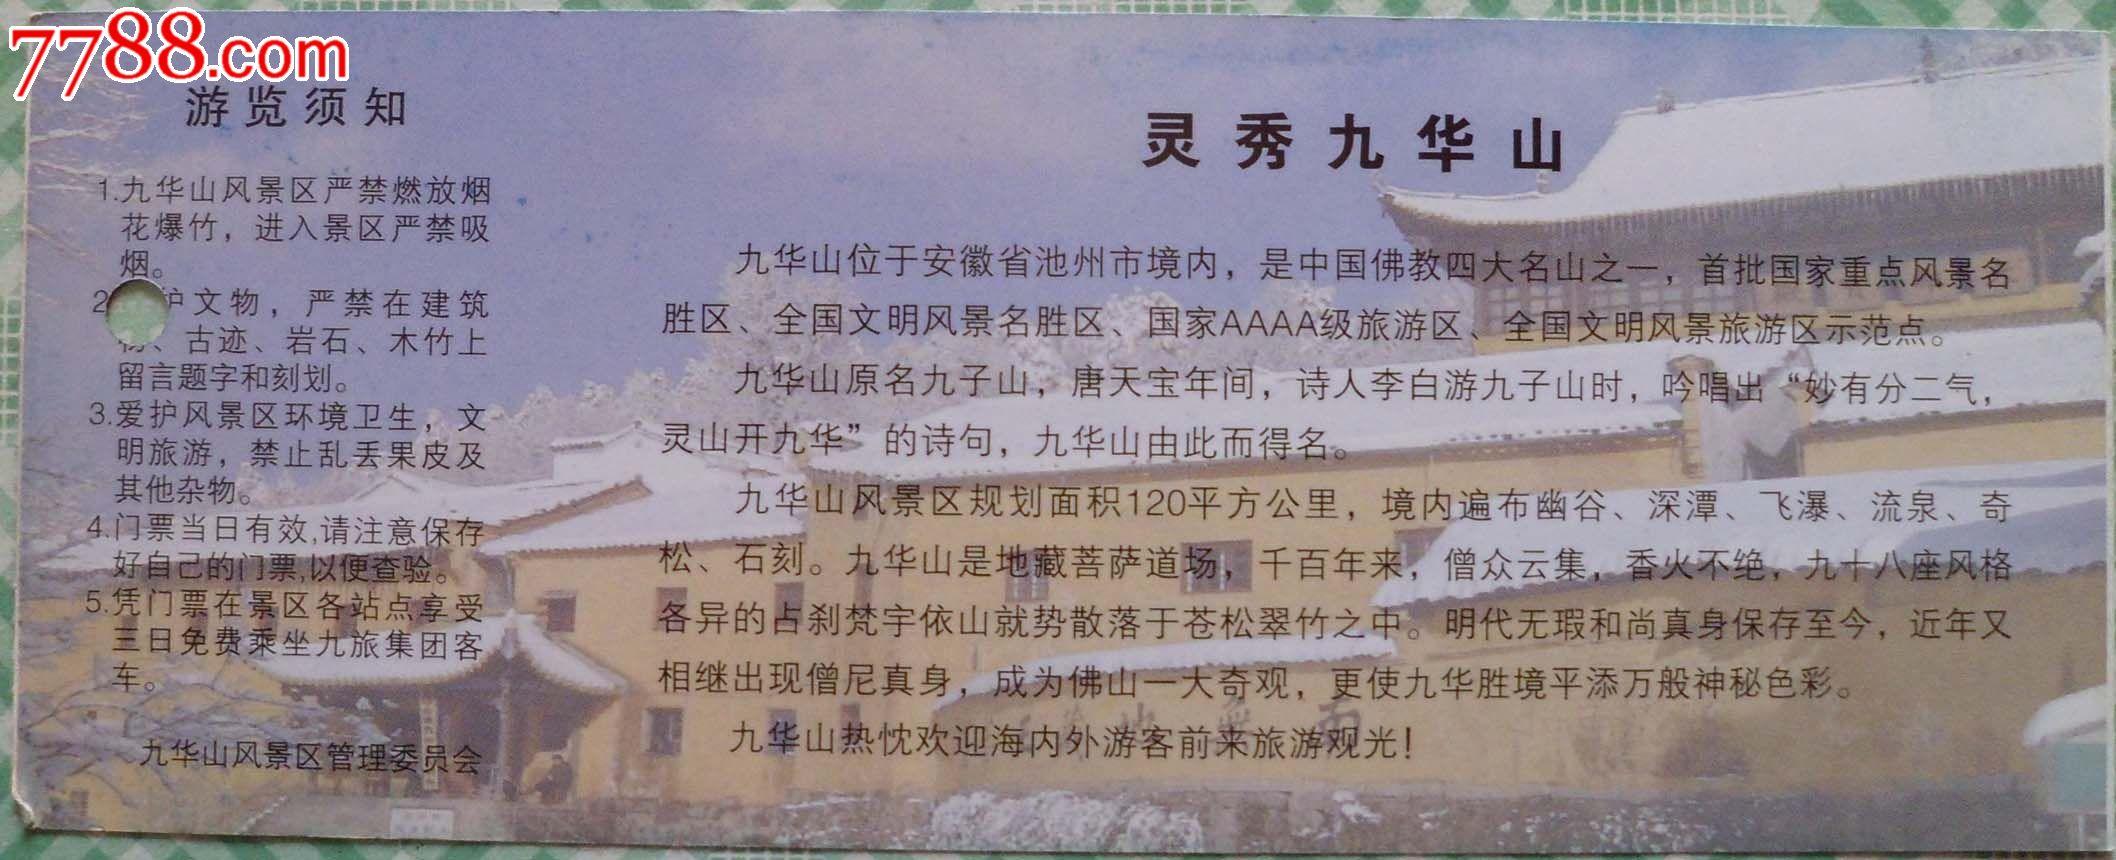 安徽省九华山风景区门票-莲花佛国.打孔